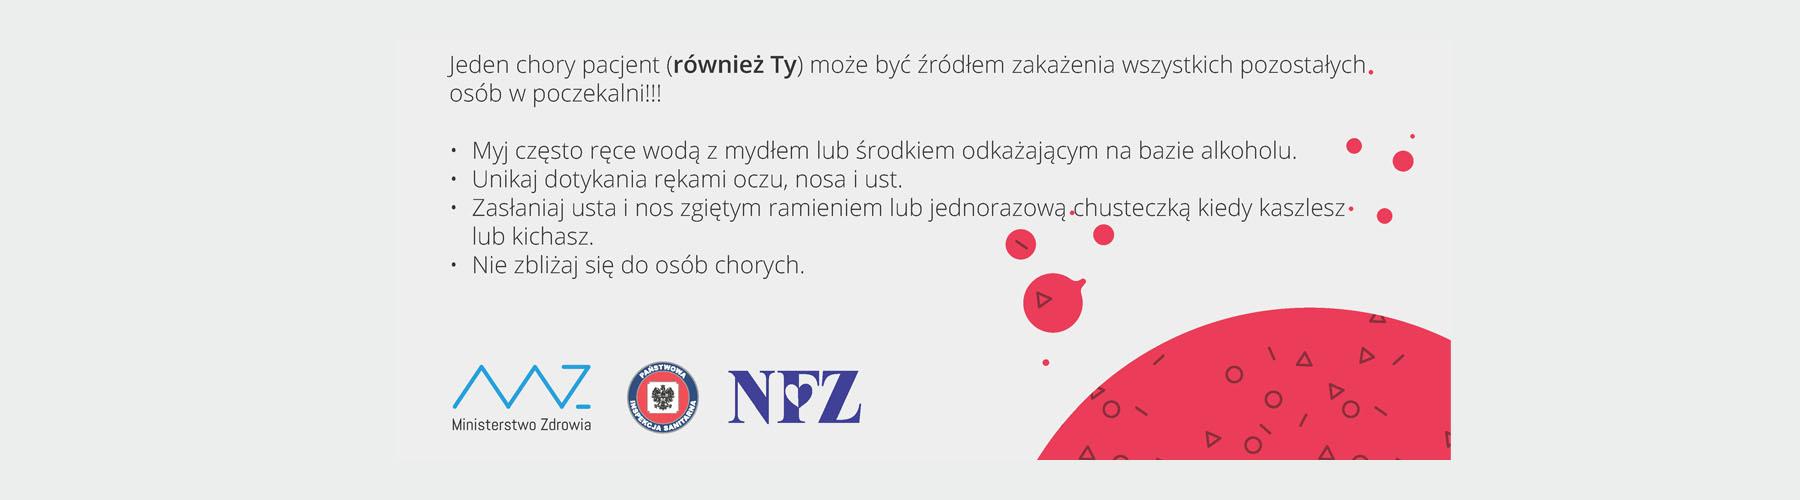 koronawirus3